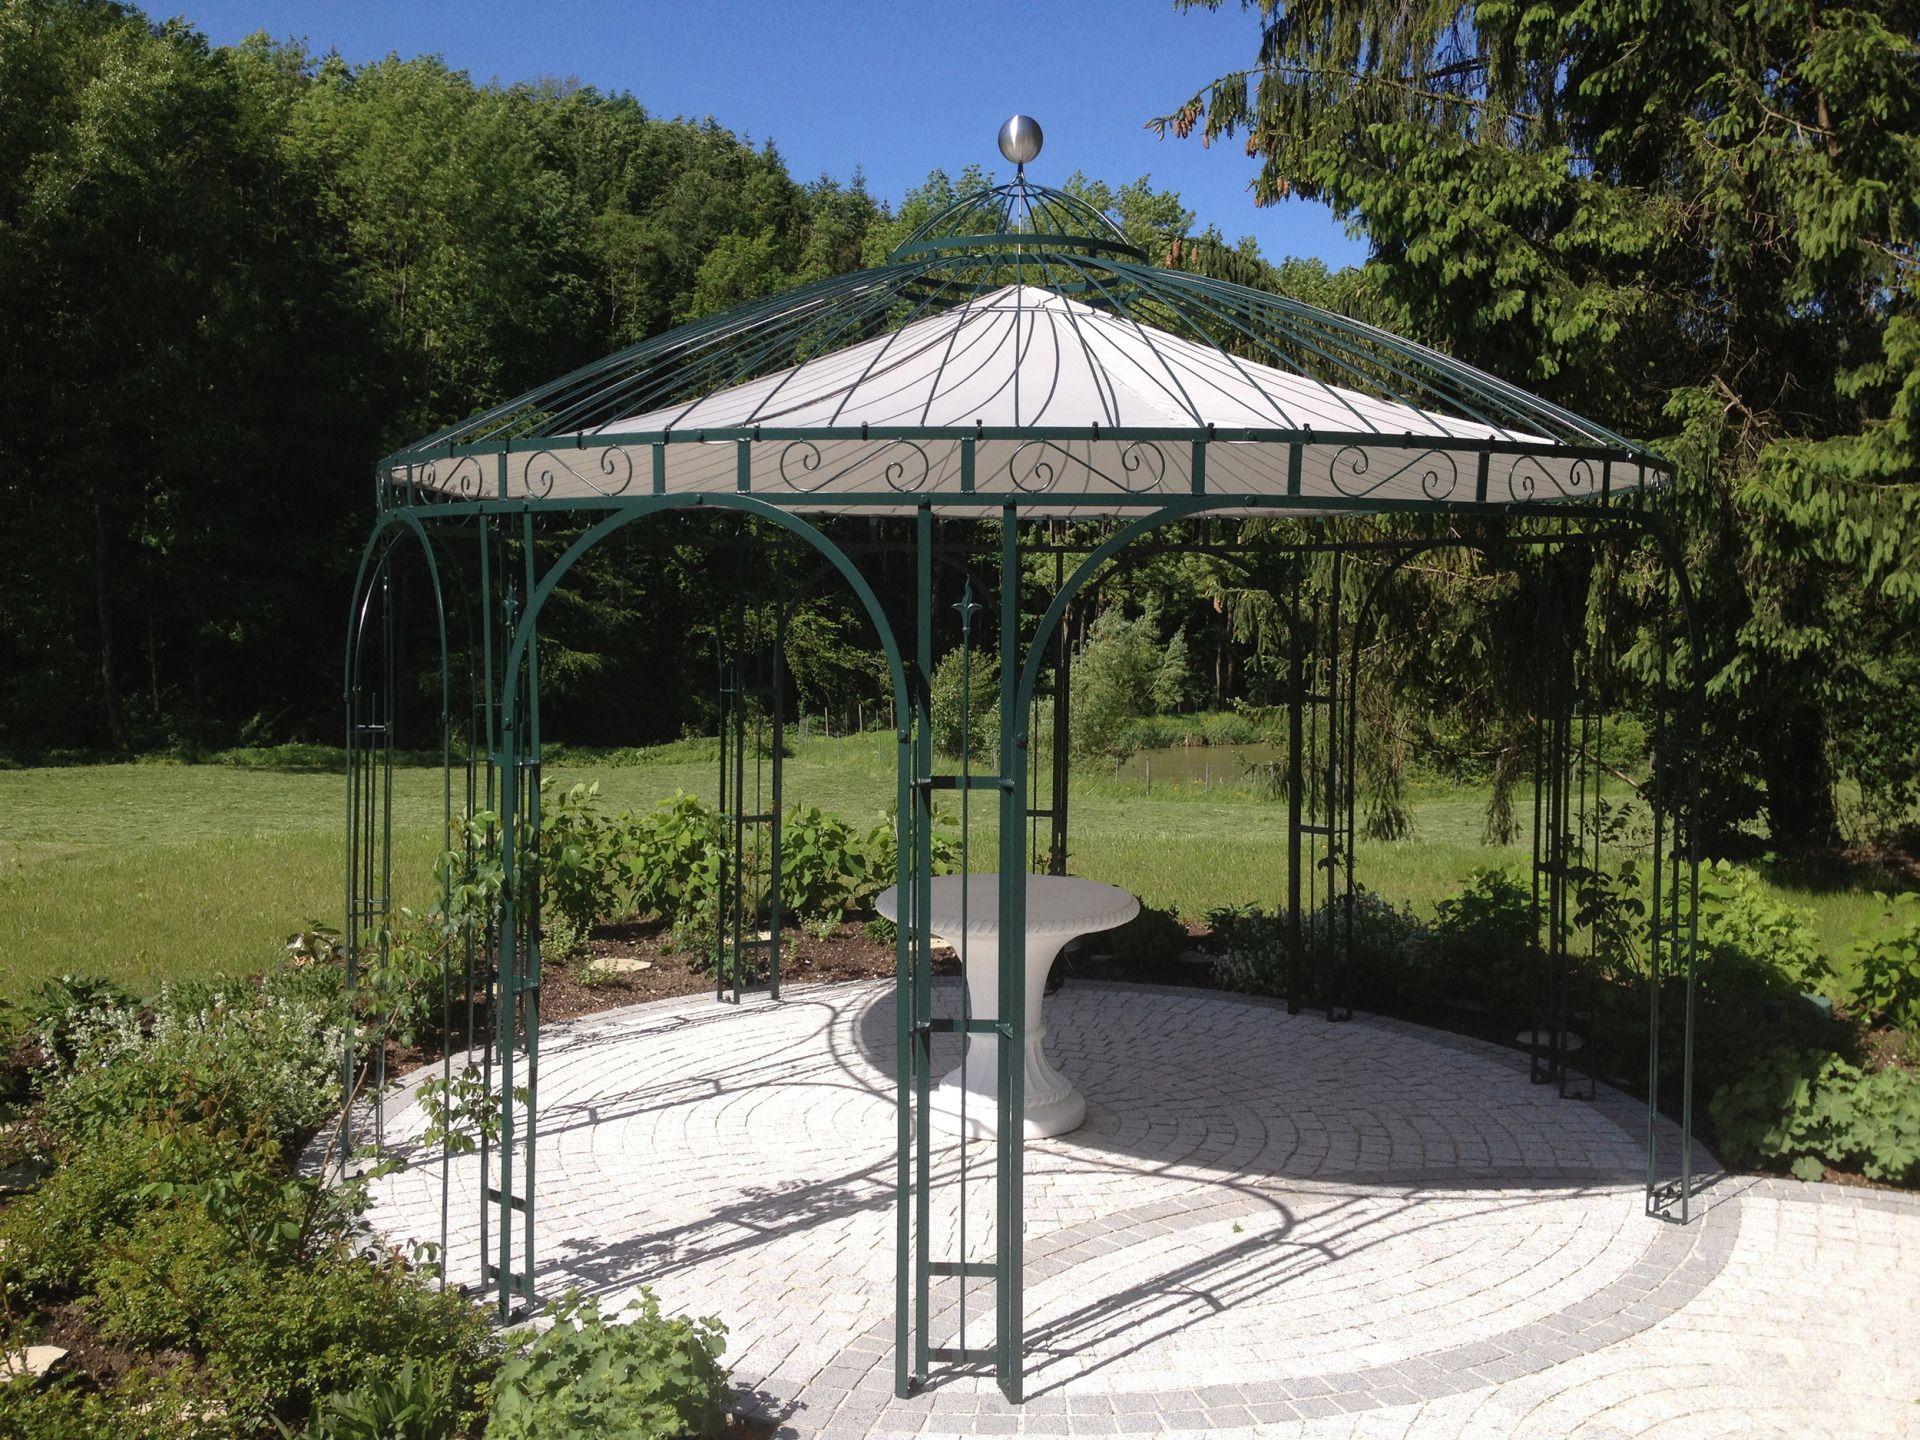 pavillon mit regenschutz sie m chten eine pavillon kaufen informieren sie sich hier die. Black Bedroom Furniture Sets. Home Design Ideas